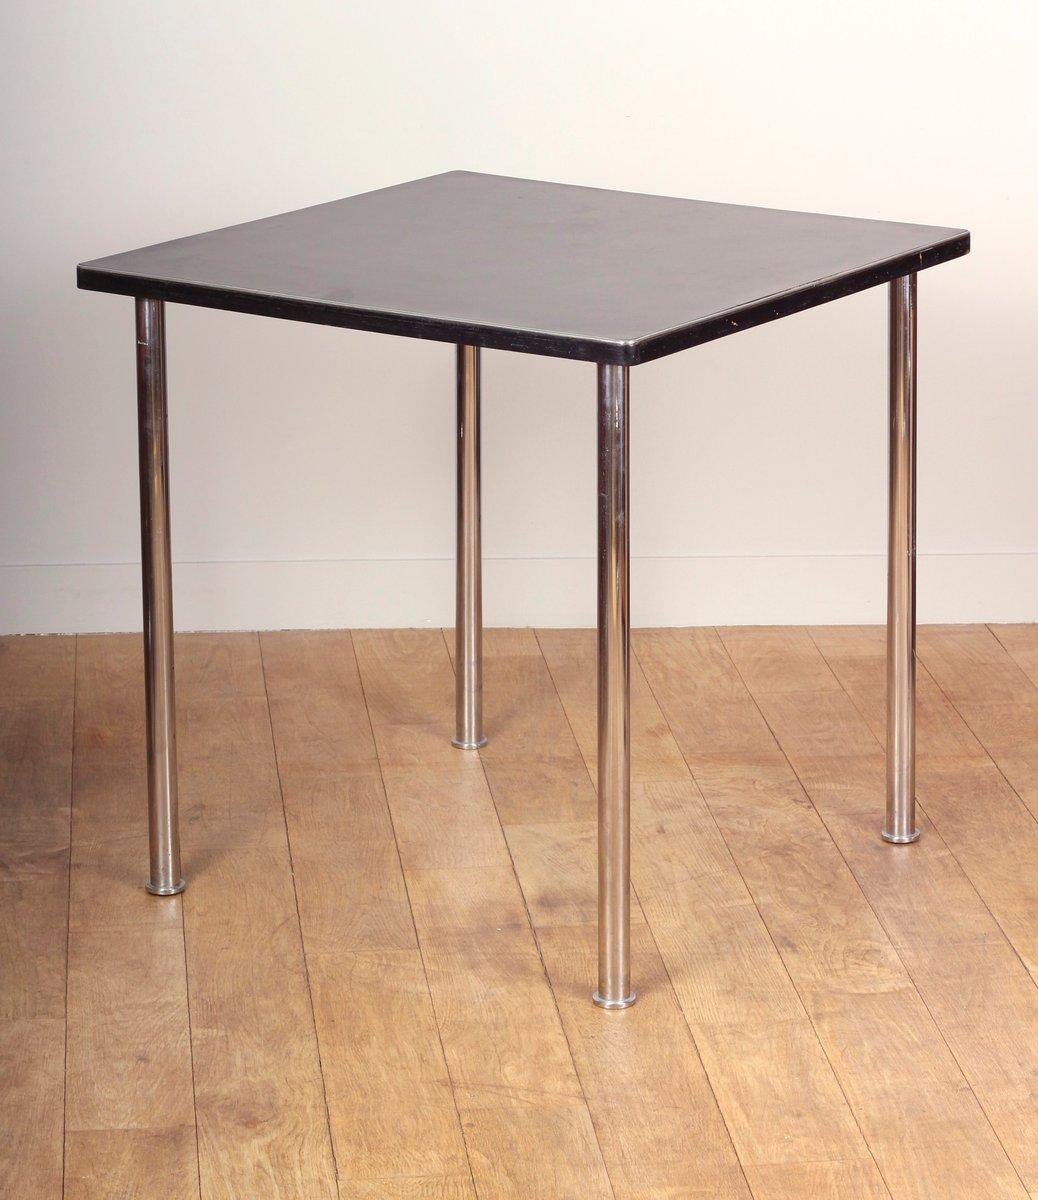 schwarzer quadratischer bakelit tisch 1930 bei pamono kaufen. Black Bedroom Furniture Sets. Home Design Ideas